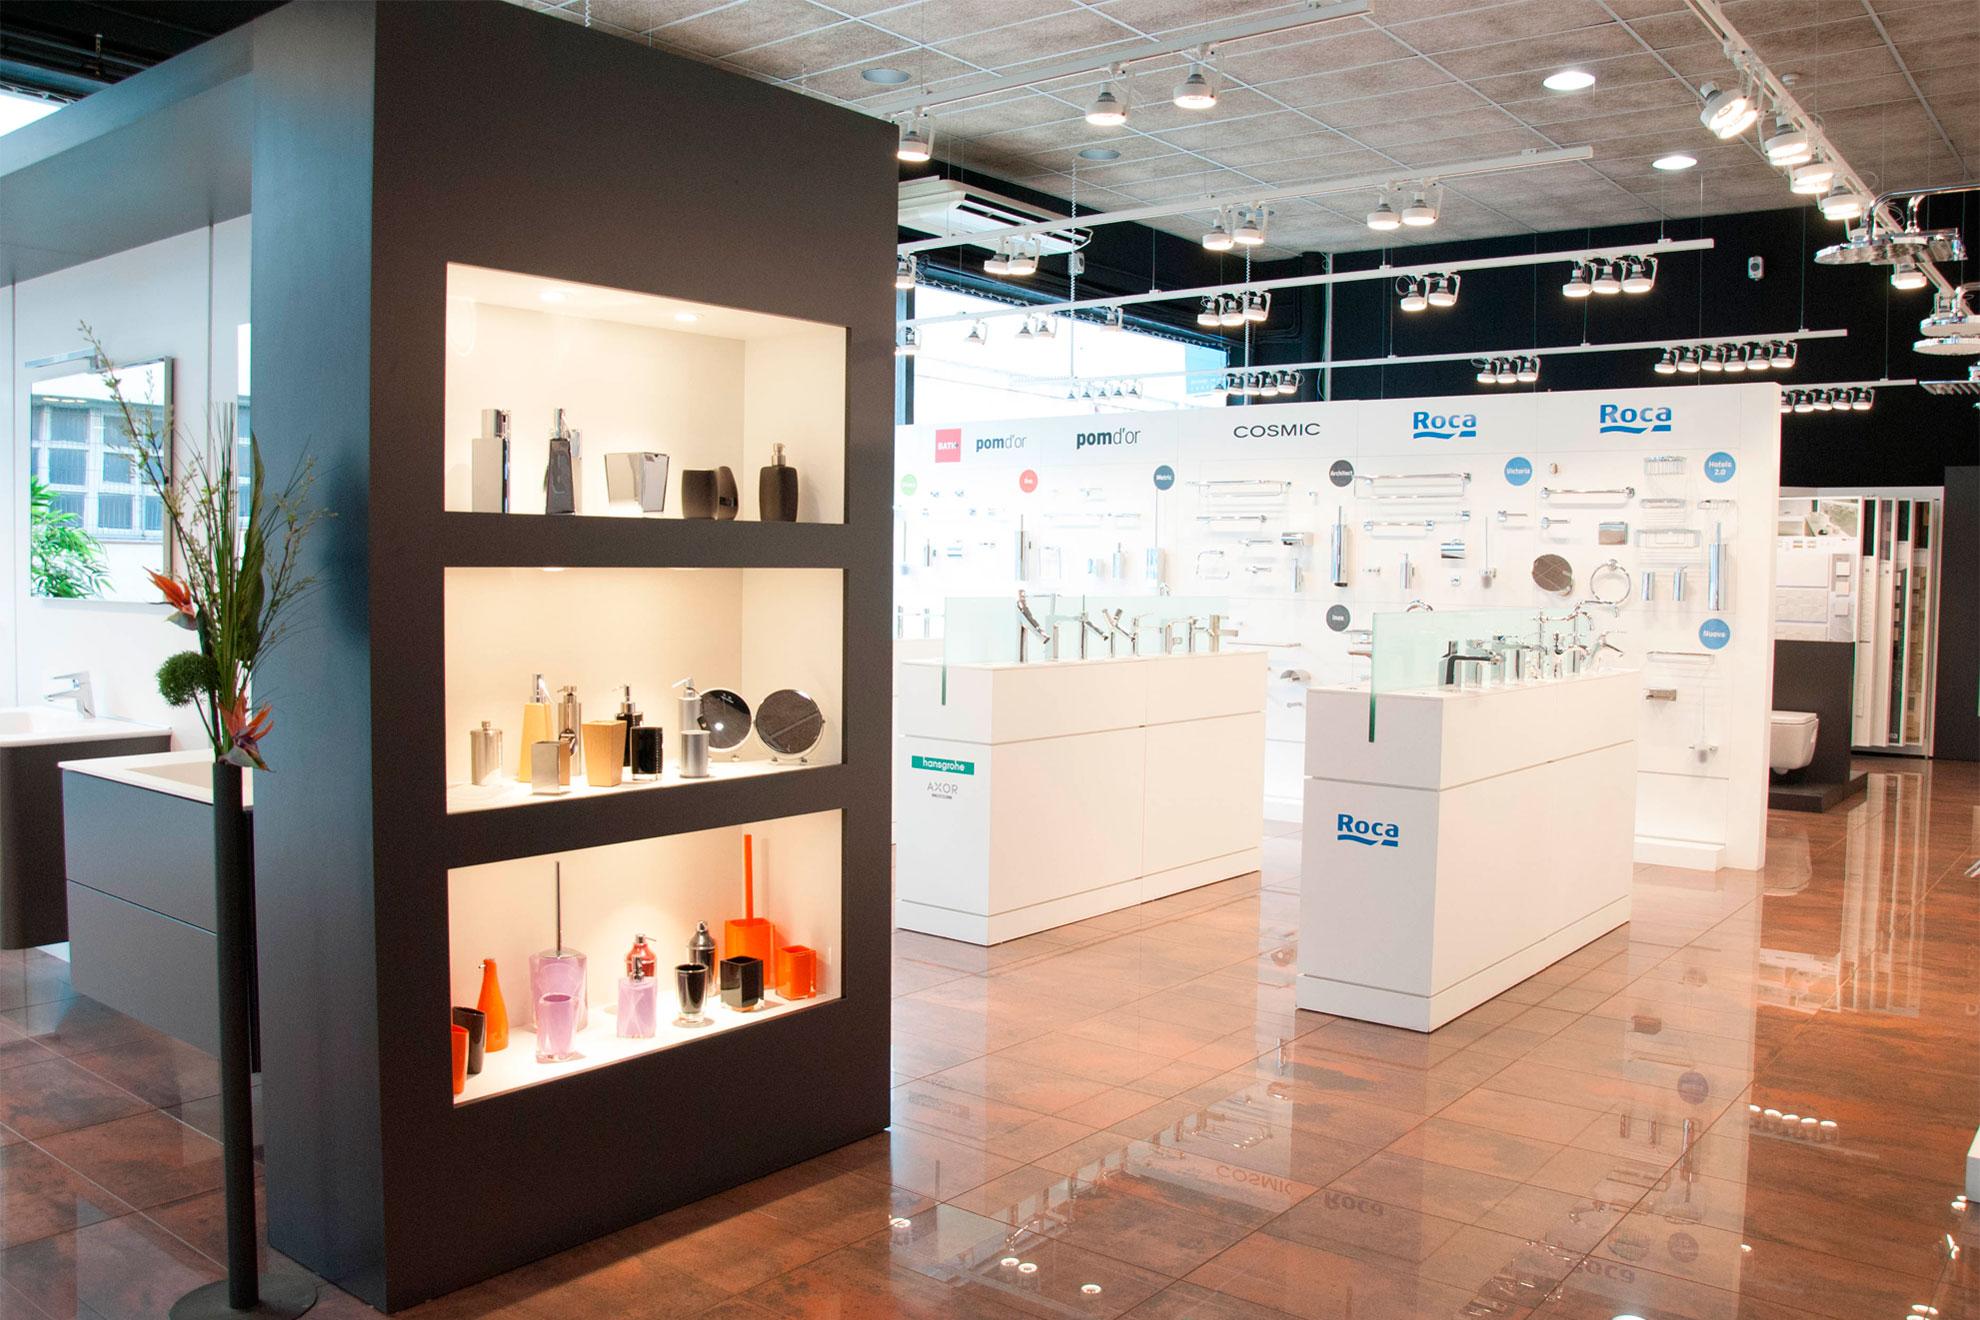 Exposiciones de Baños y Cocinas Fontgas. 2900m² de exposiciones.